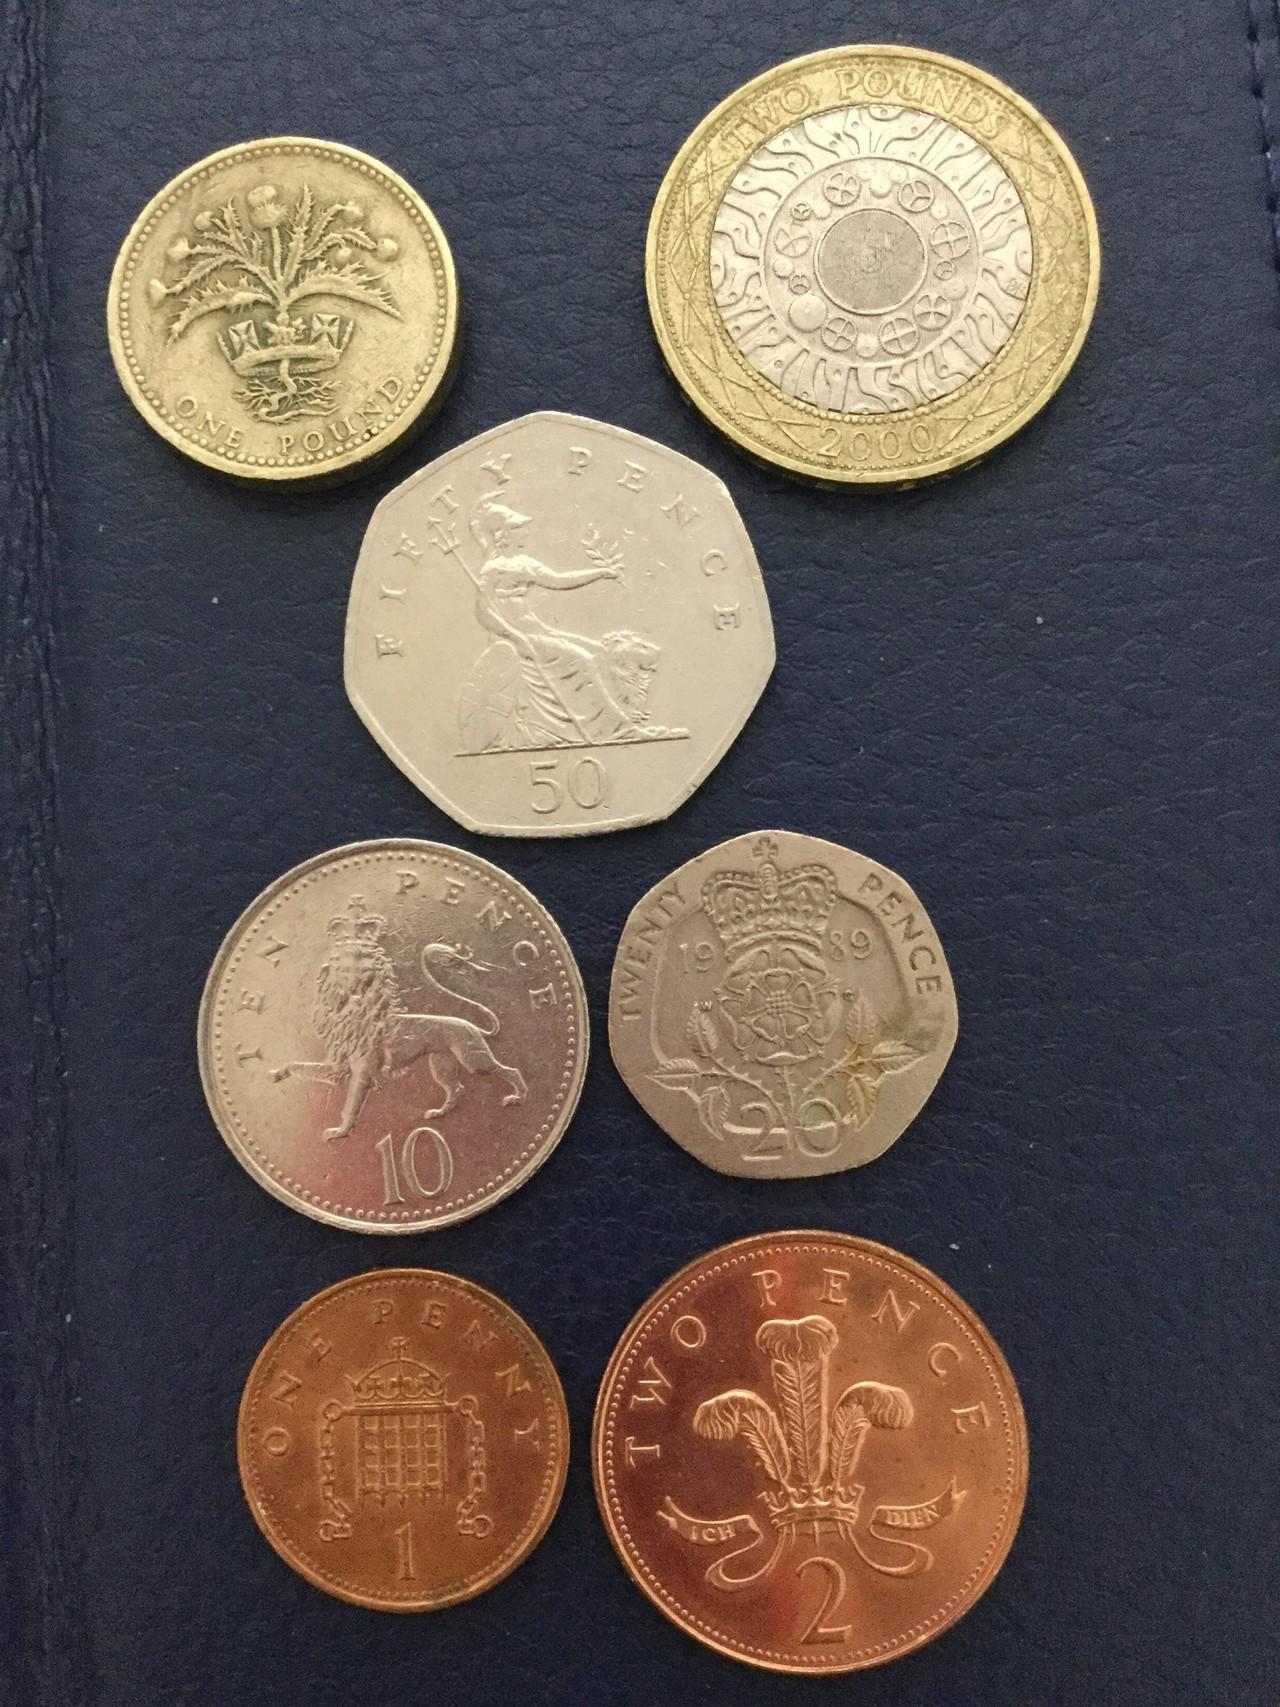 イギリス・ポンド硬貨 1984年〜2006年  2ポンド(4段目右):2000年 1ポンド(4段目左):1984年 50ペンス(3段目):2001年 20ペンス(2段目右):1989年 10ペンス(2段目左):2000年 2ペンス(1段目右):2006年 1ペンス(1段目左):2001年